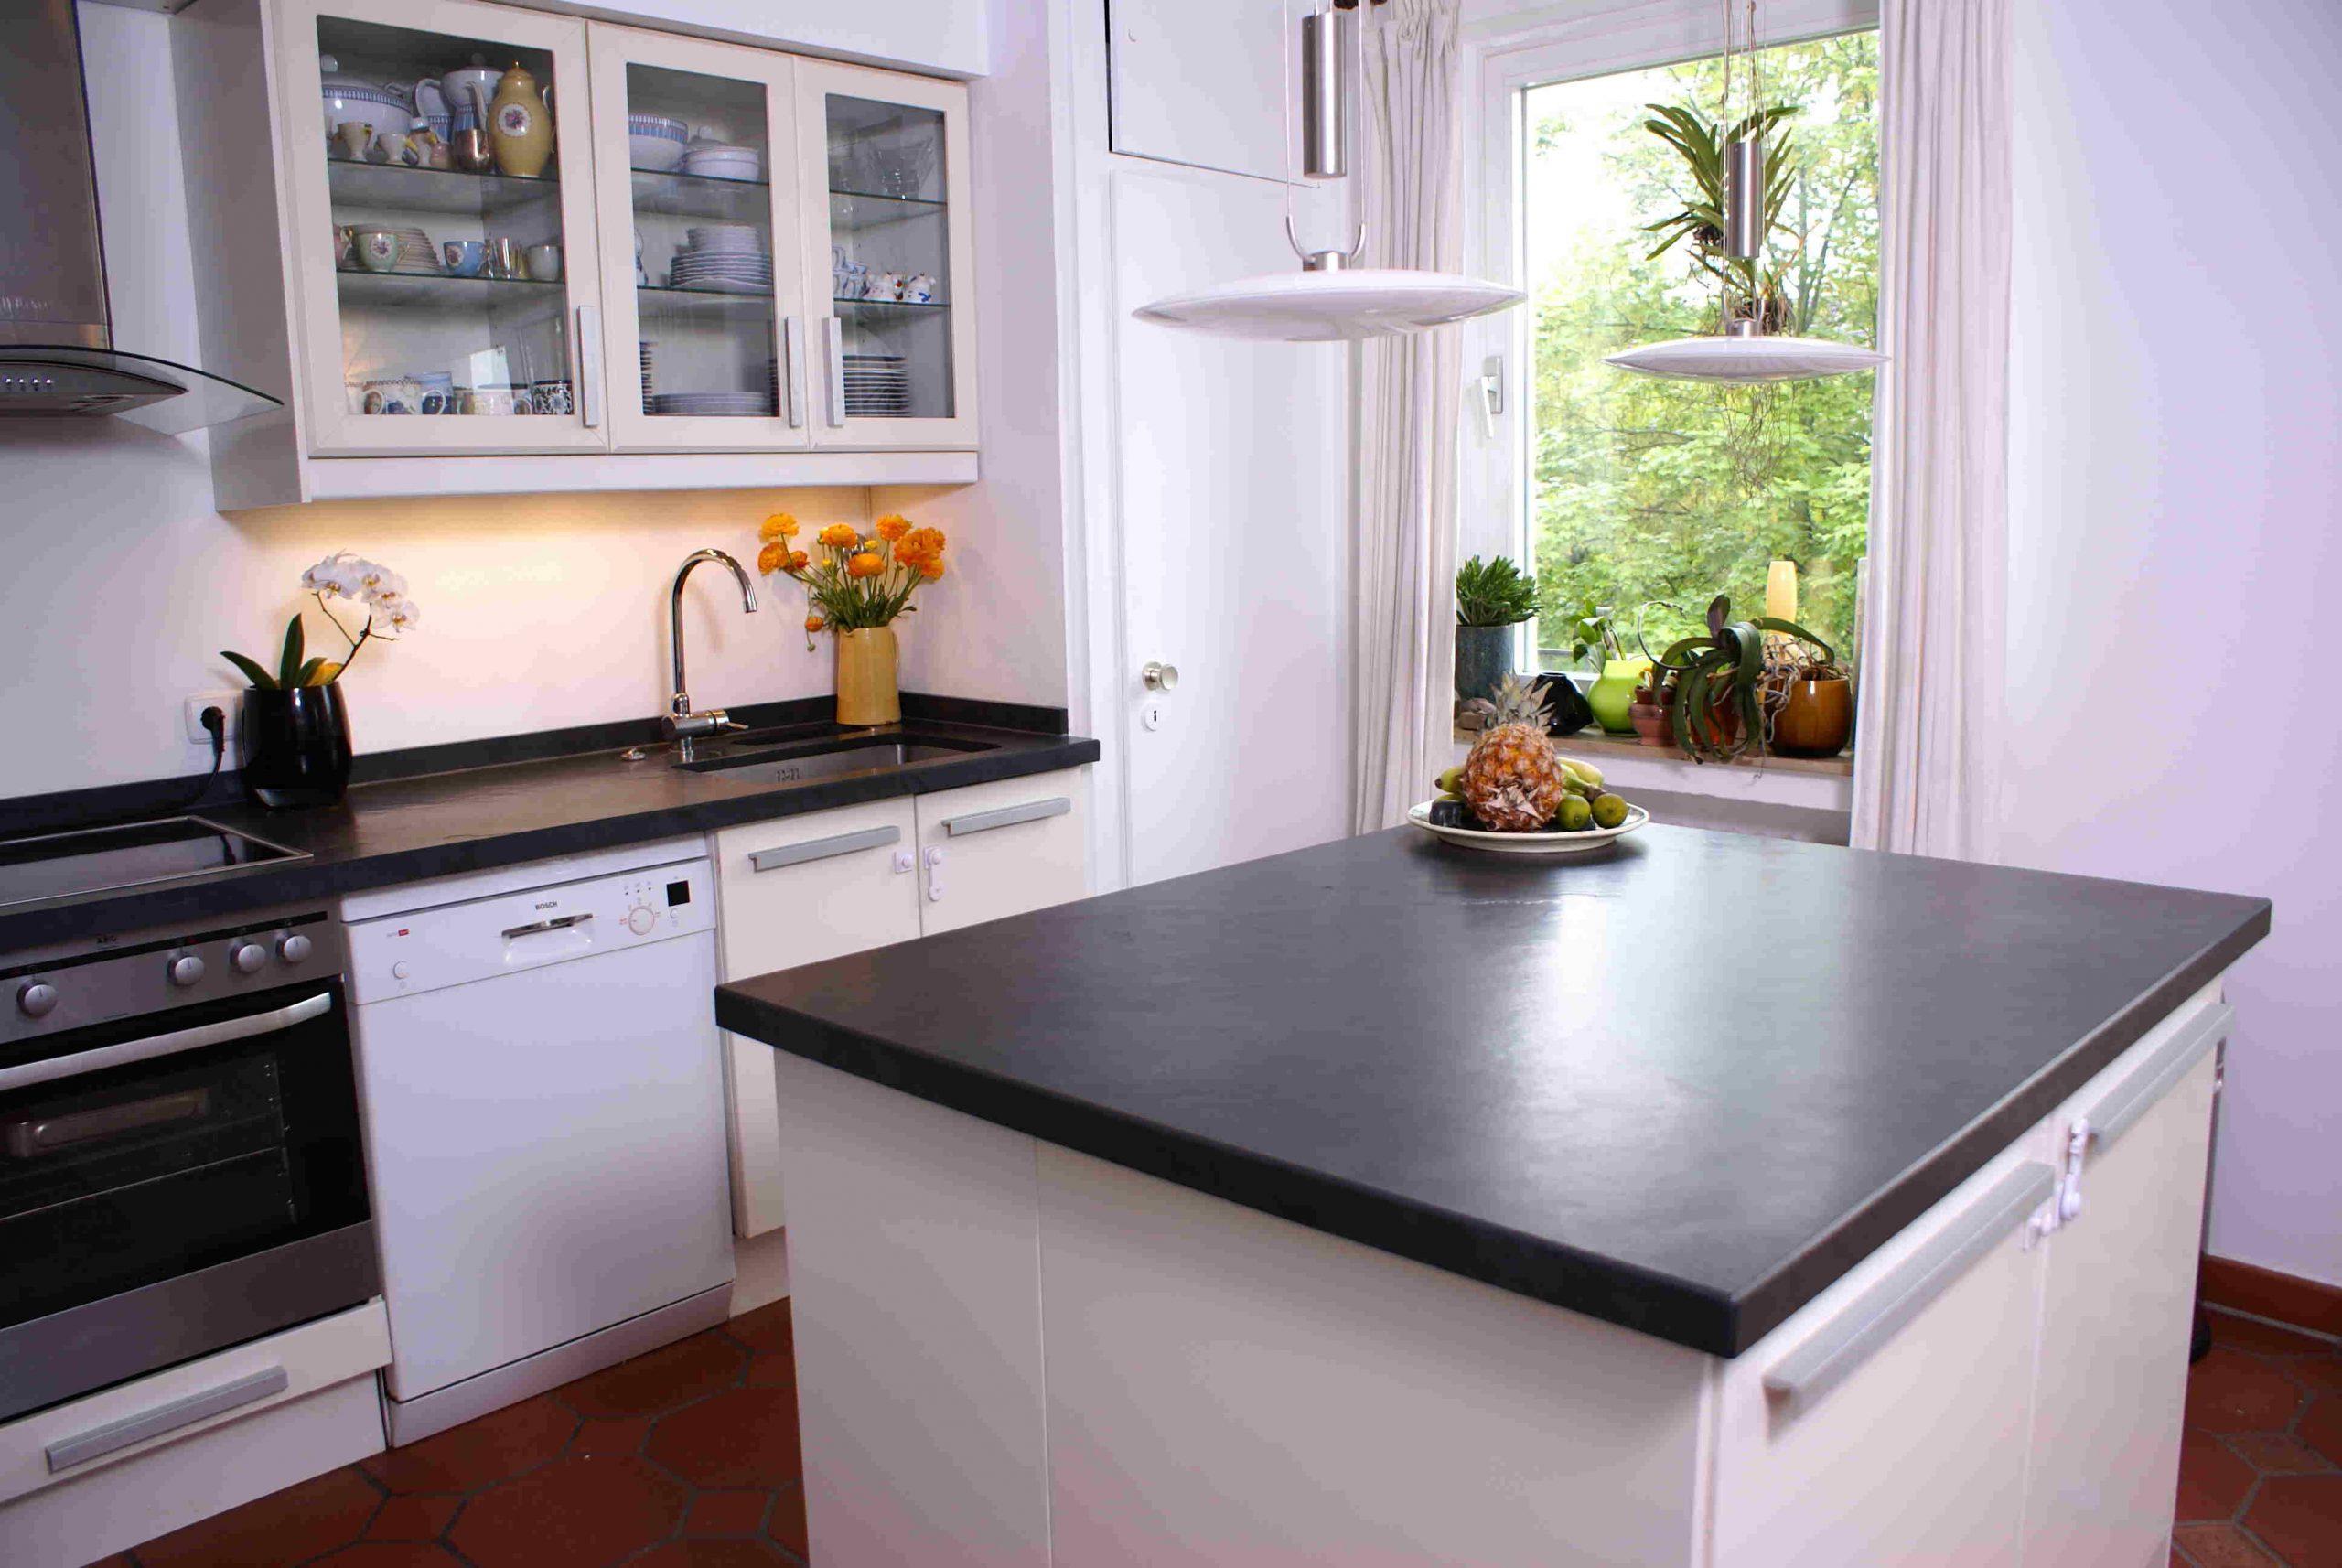 Full Size of Wer Fertigt Granit Arbeitsplatten Fr Ikea Unser Küche Kosten Betten 160x200 Landhausküche Gebraucht Weiß Grau Sofa Mit Schlaffunktion Modulküche Bei Wohnzimmer Landhausküche Ikea